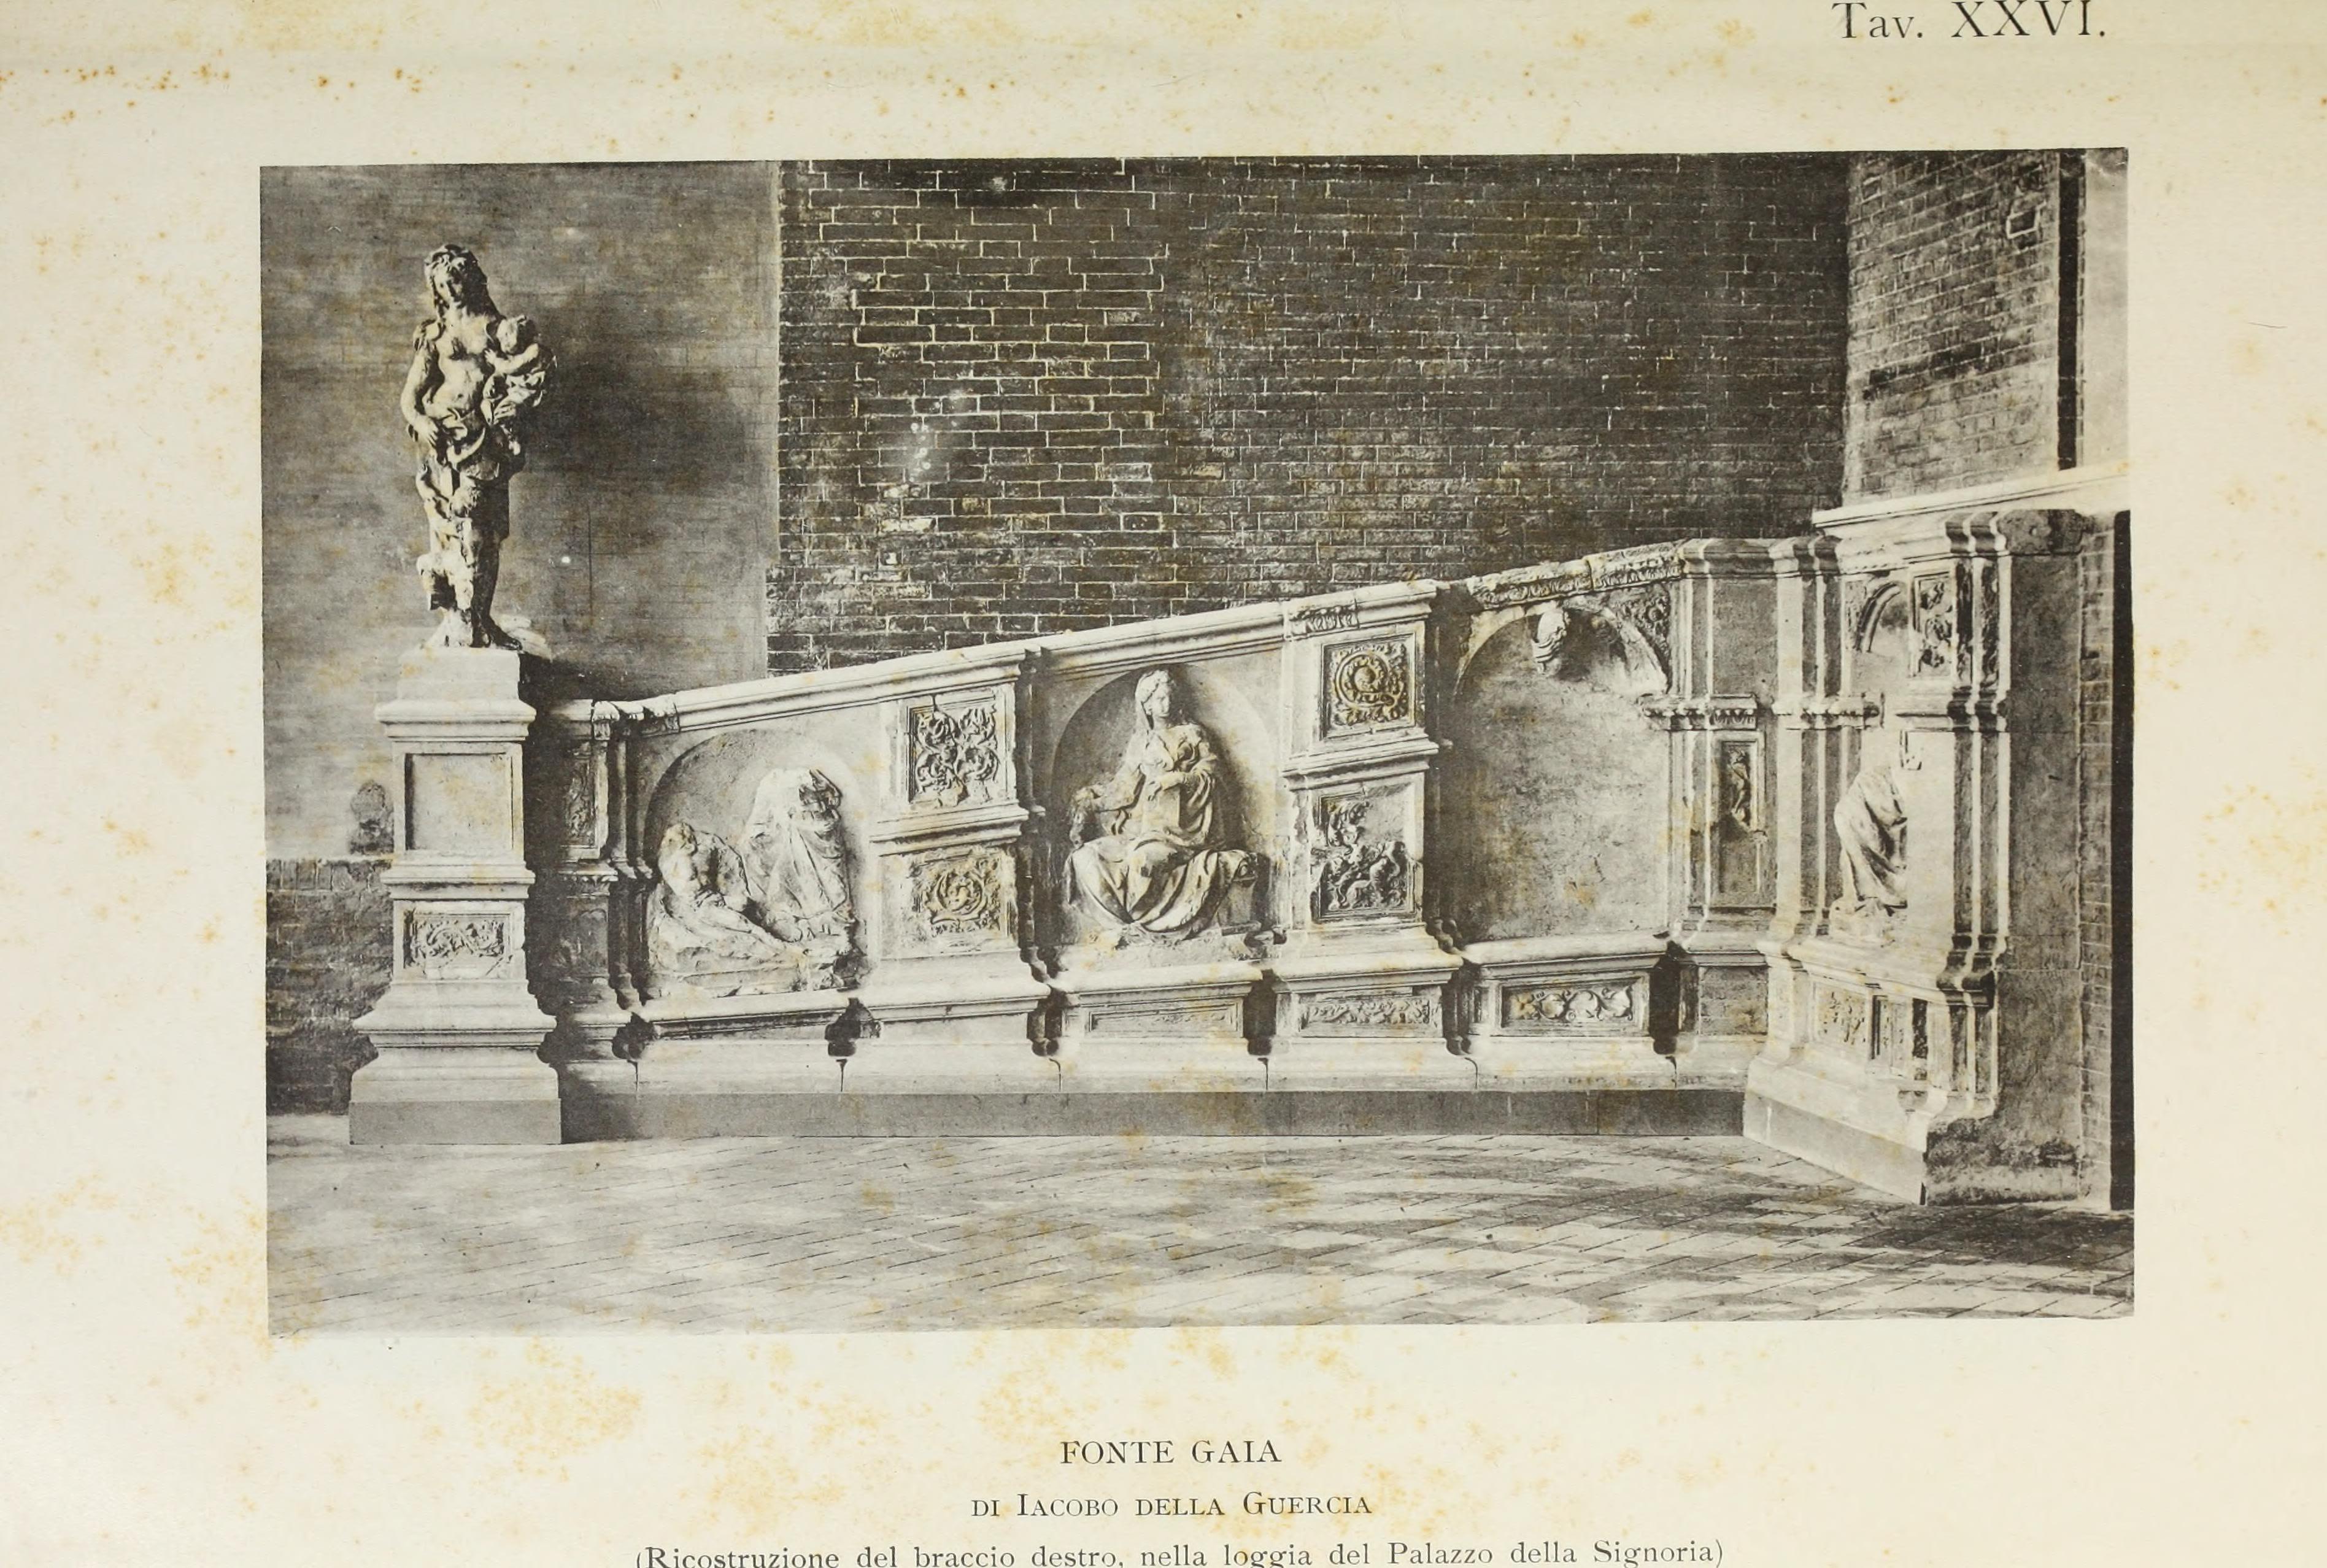 Le fonti di Siena e i loro aquedotti, note storiche dalle origini fino al MDLV (1906) (14777373525).jpg